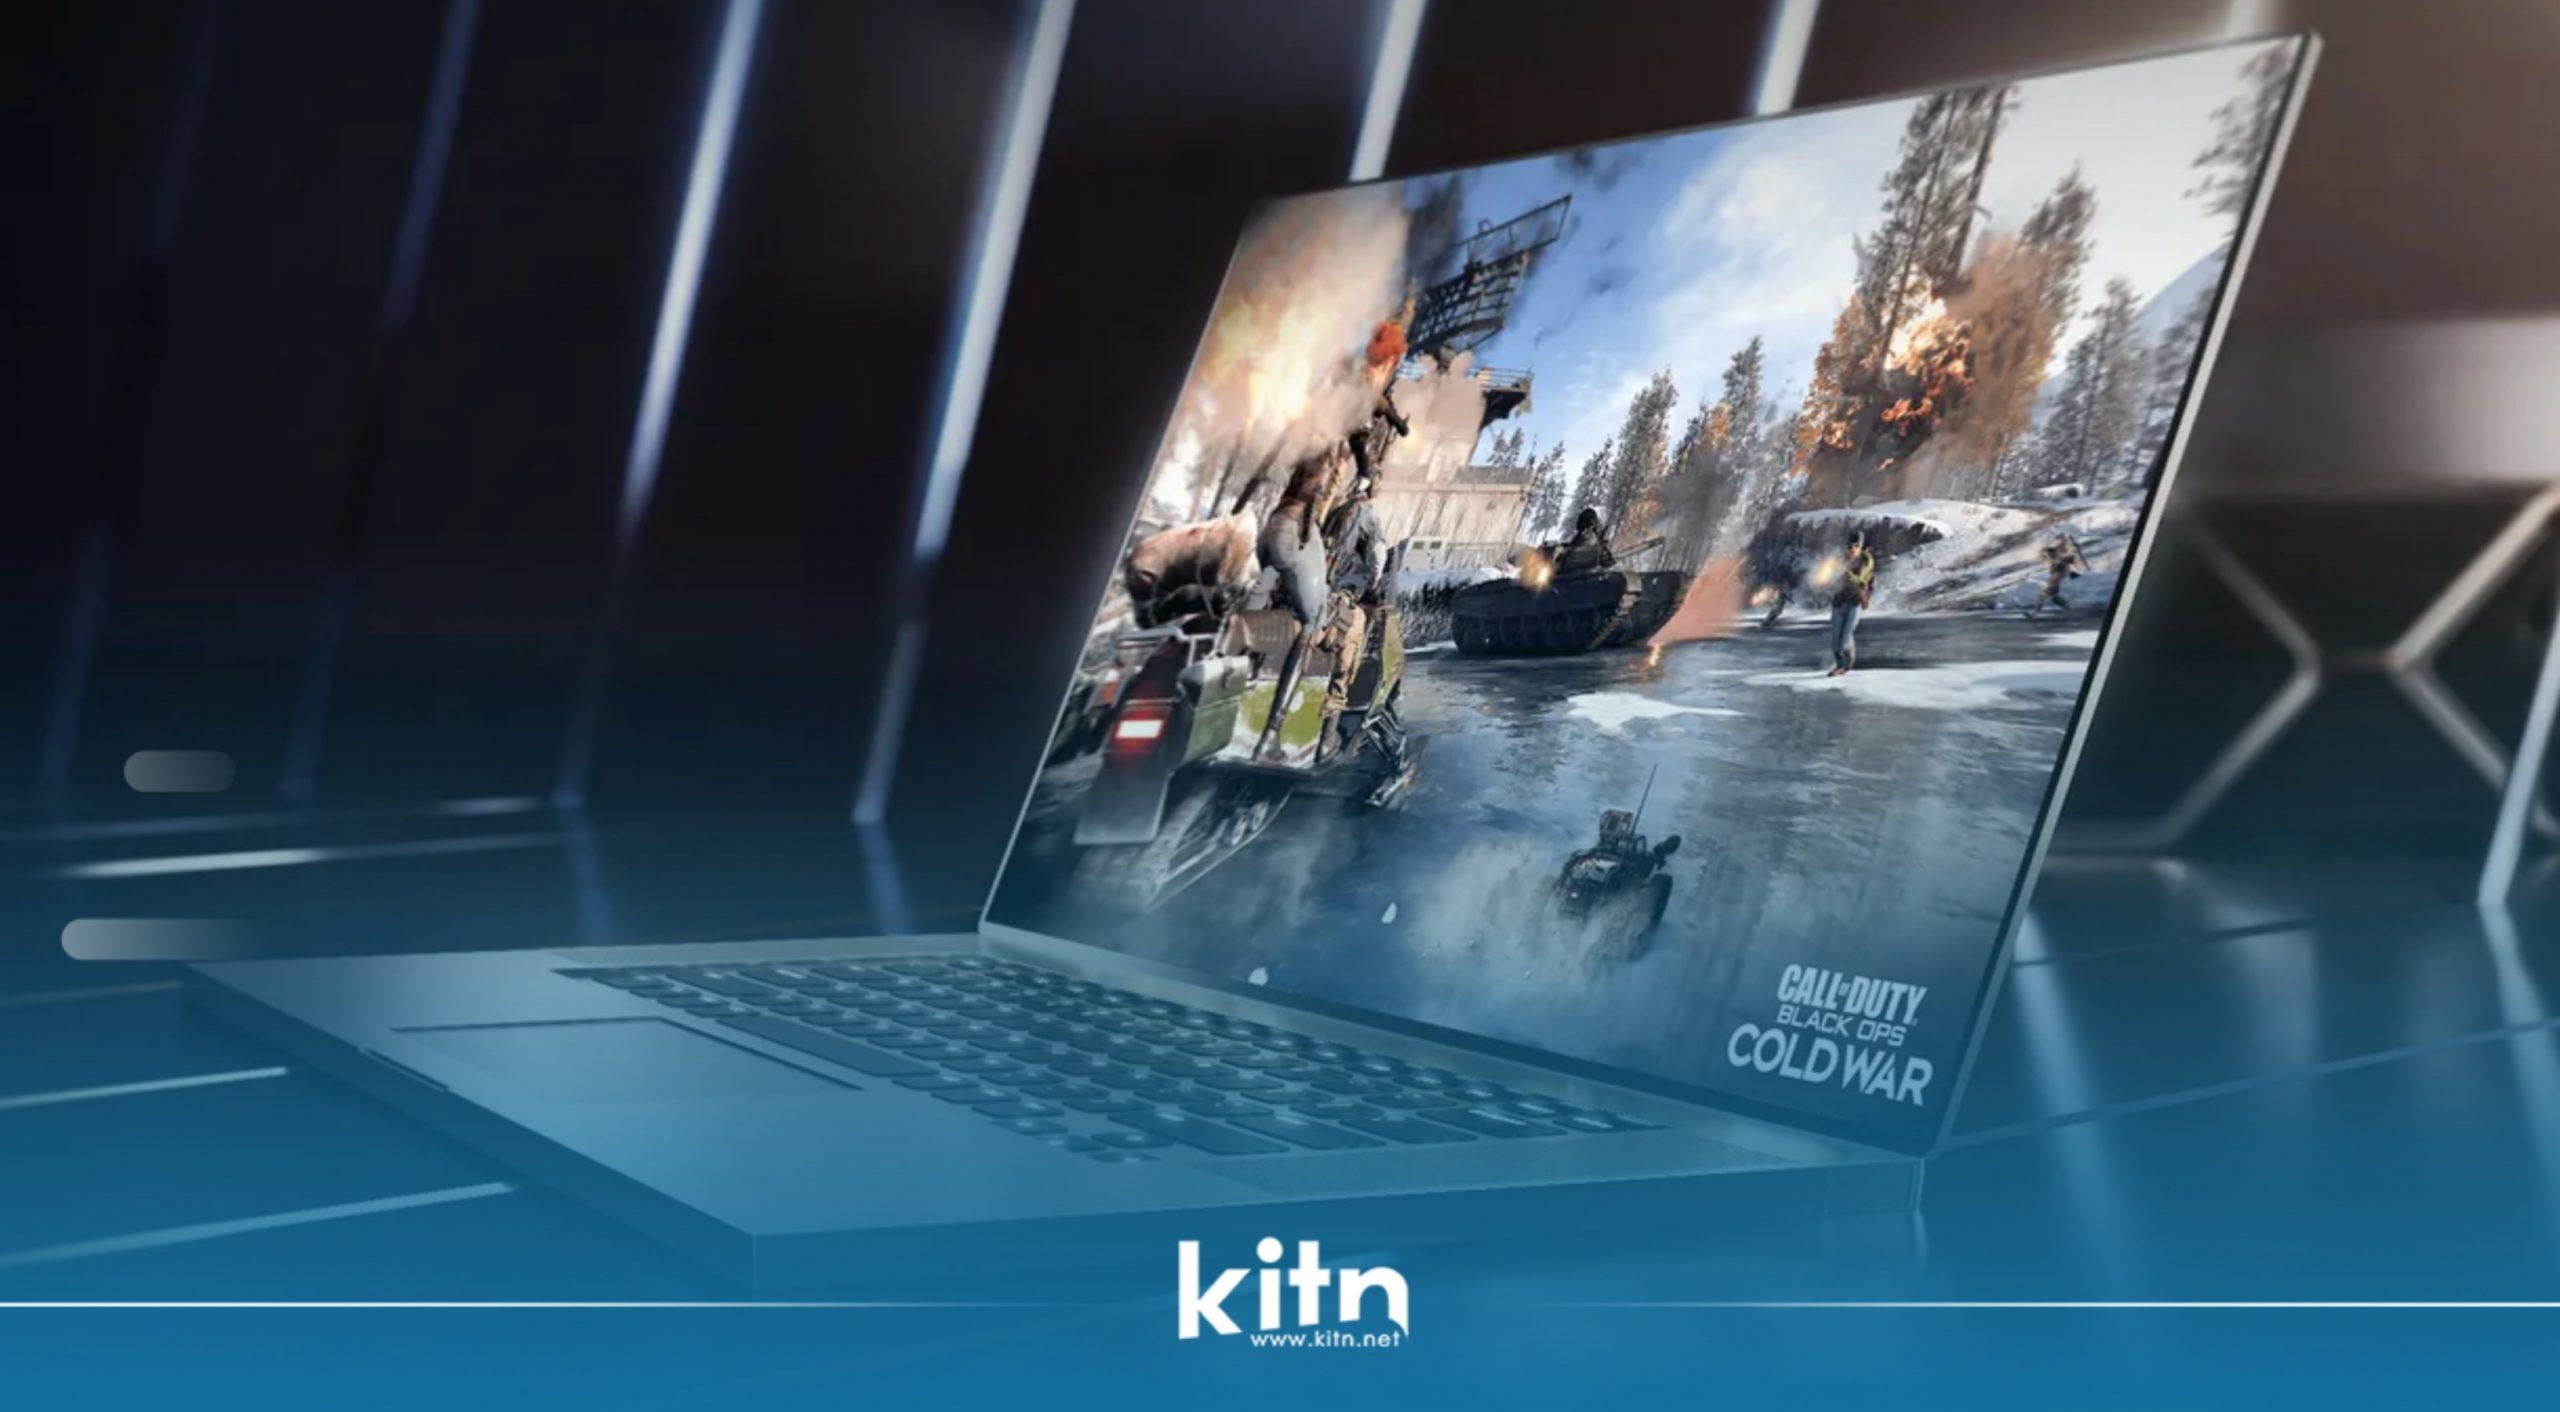 بە فەرمی هەردوو گرافیک کاردی Nvidia GeForce RTX 3050,3050 Ti بۆ لاپتۆپەکان نمایش کران